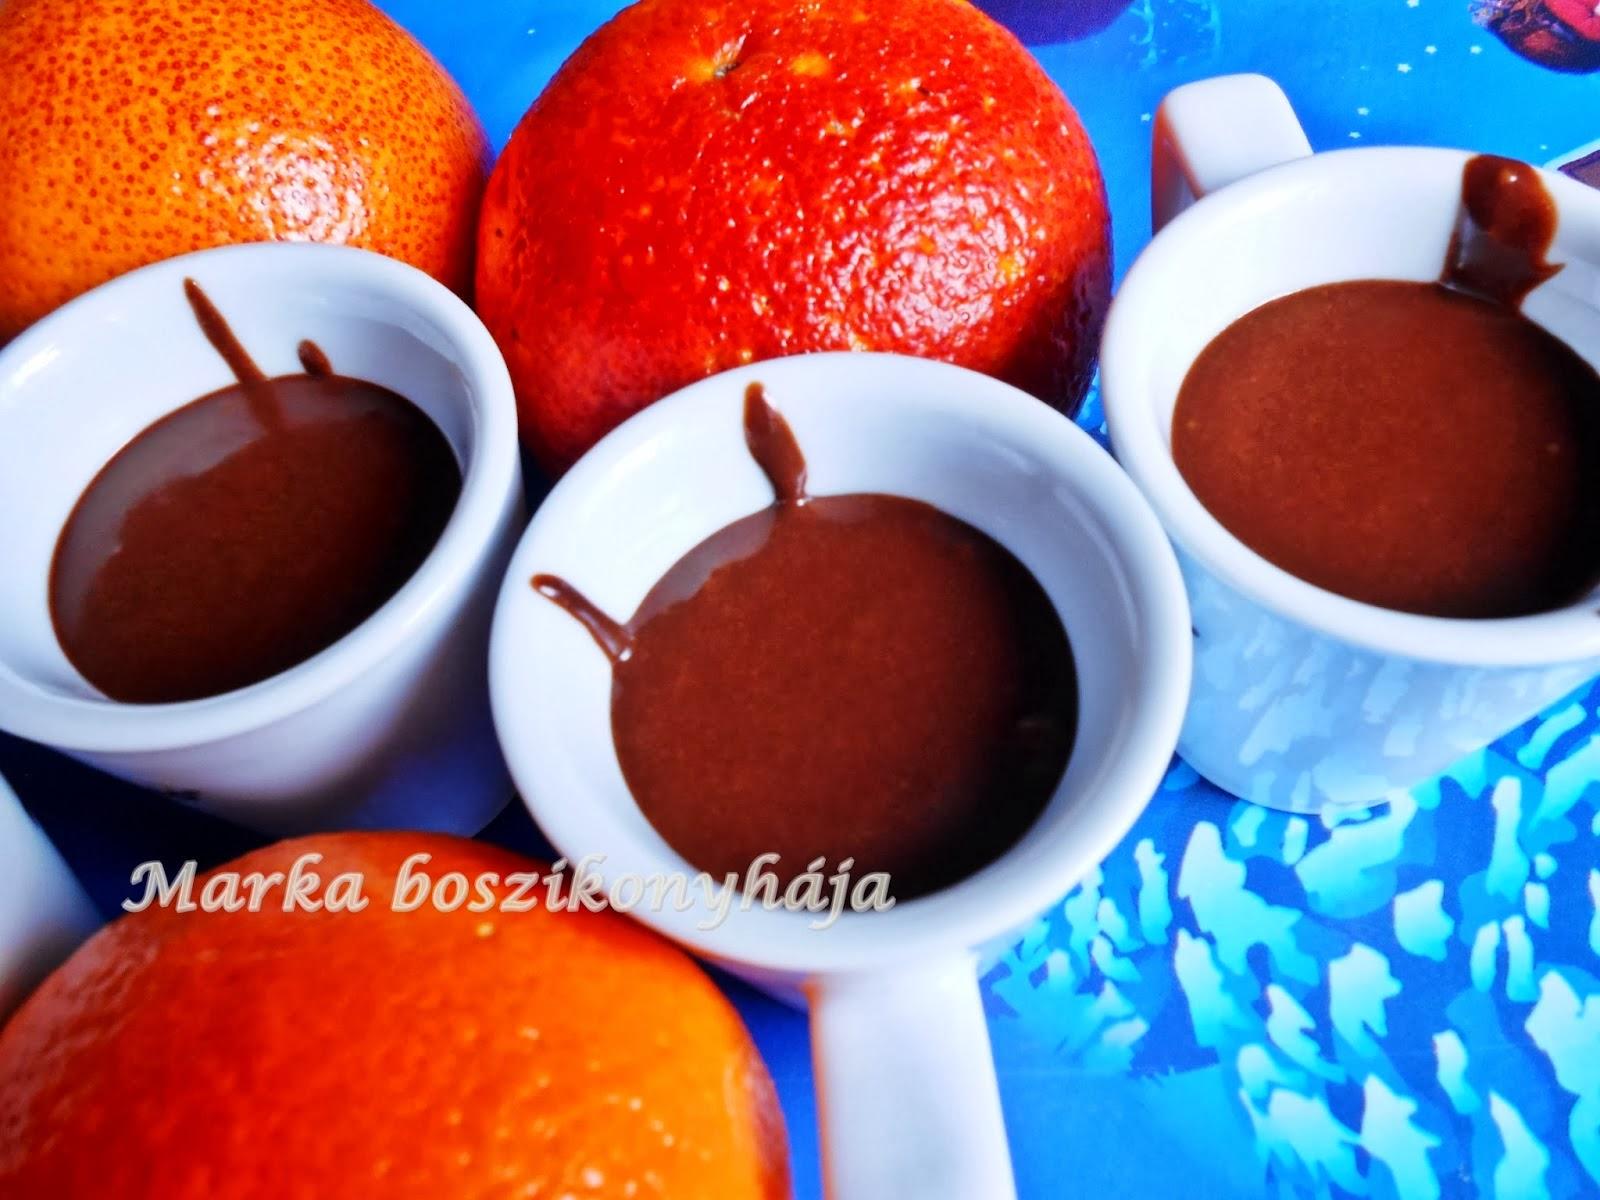 http://markakonyha.blogspot.hu/2014/03/selymes-vernarancsos-csokiganache.html